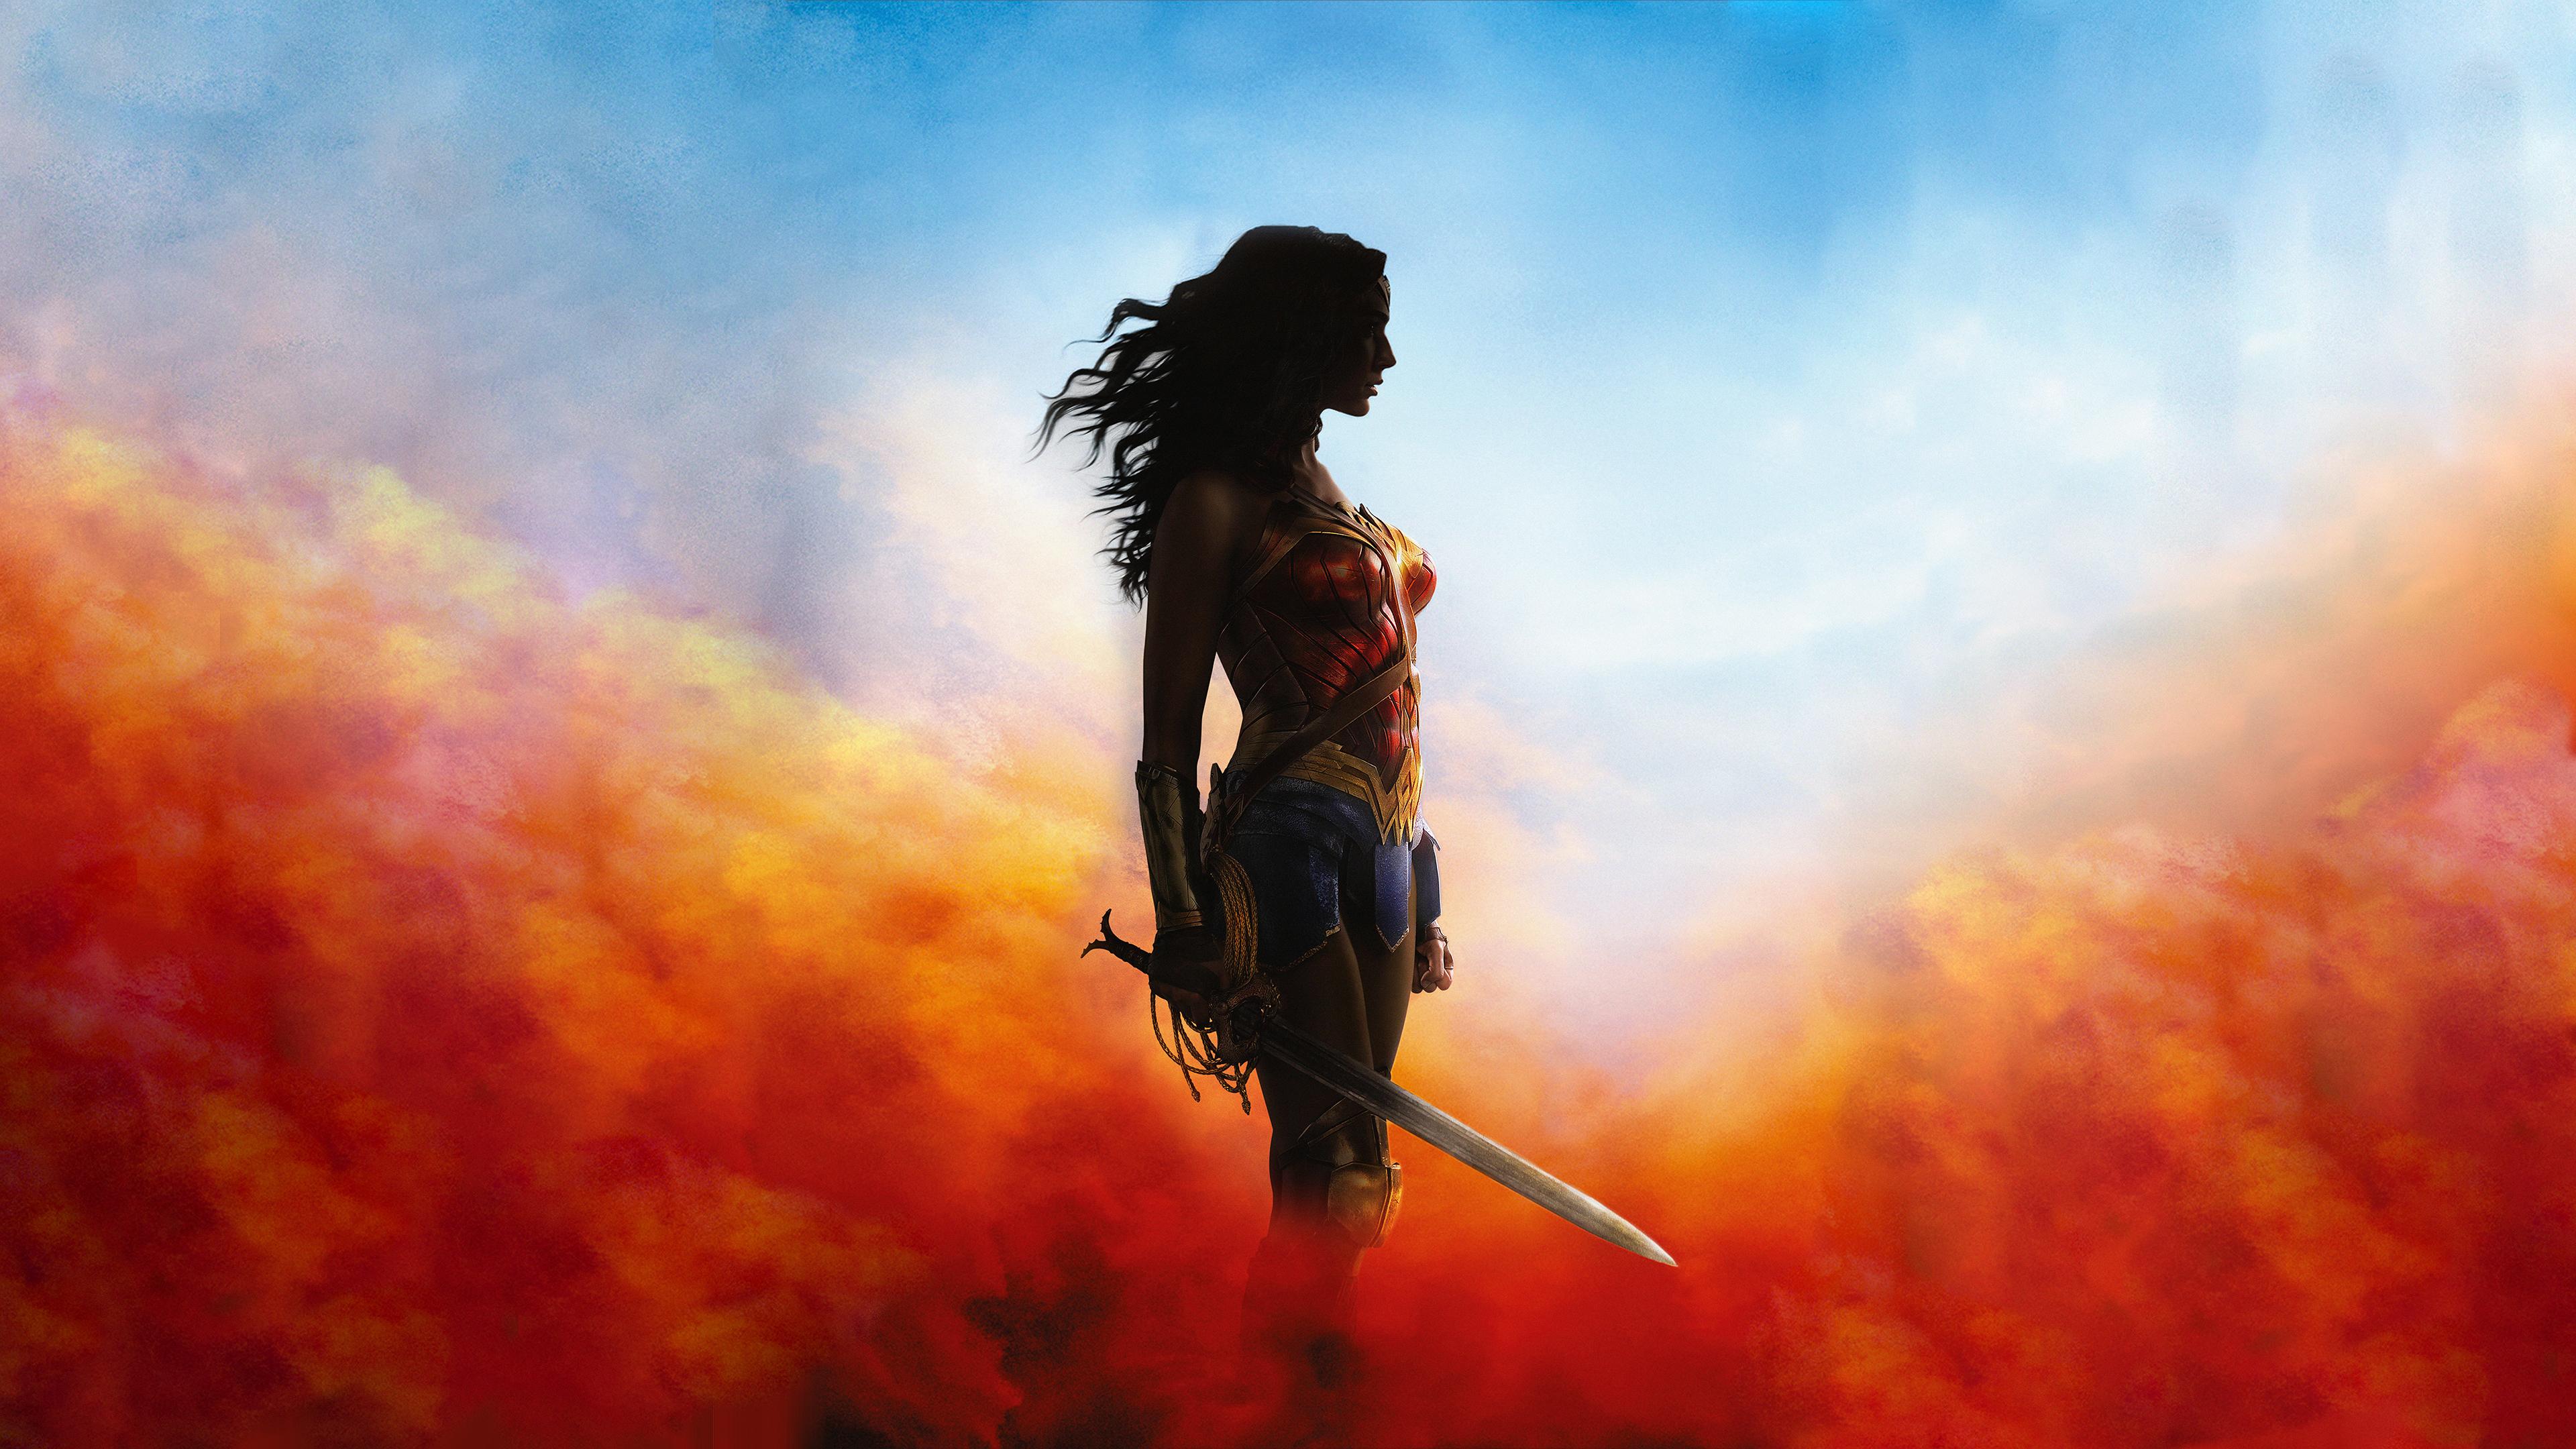 4k wonder woman 2018 1539978738 - 4k Wonder Woman 2018 - wonder woman wallpapers, superheroes wallpapers, hd-wallpapers, 4k-wallpapers